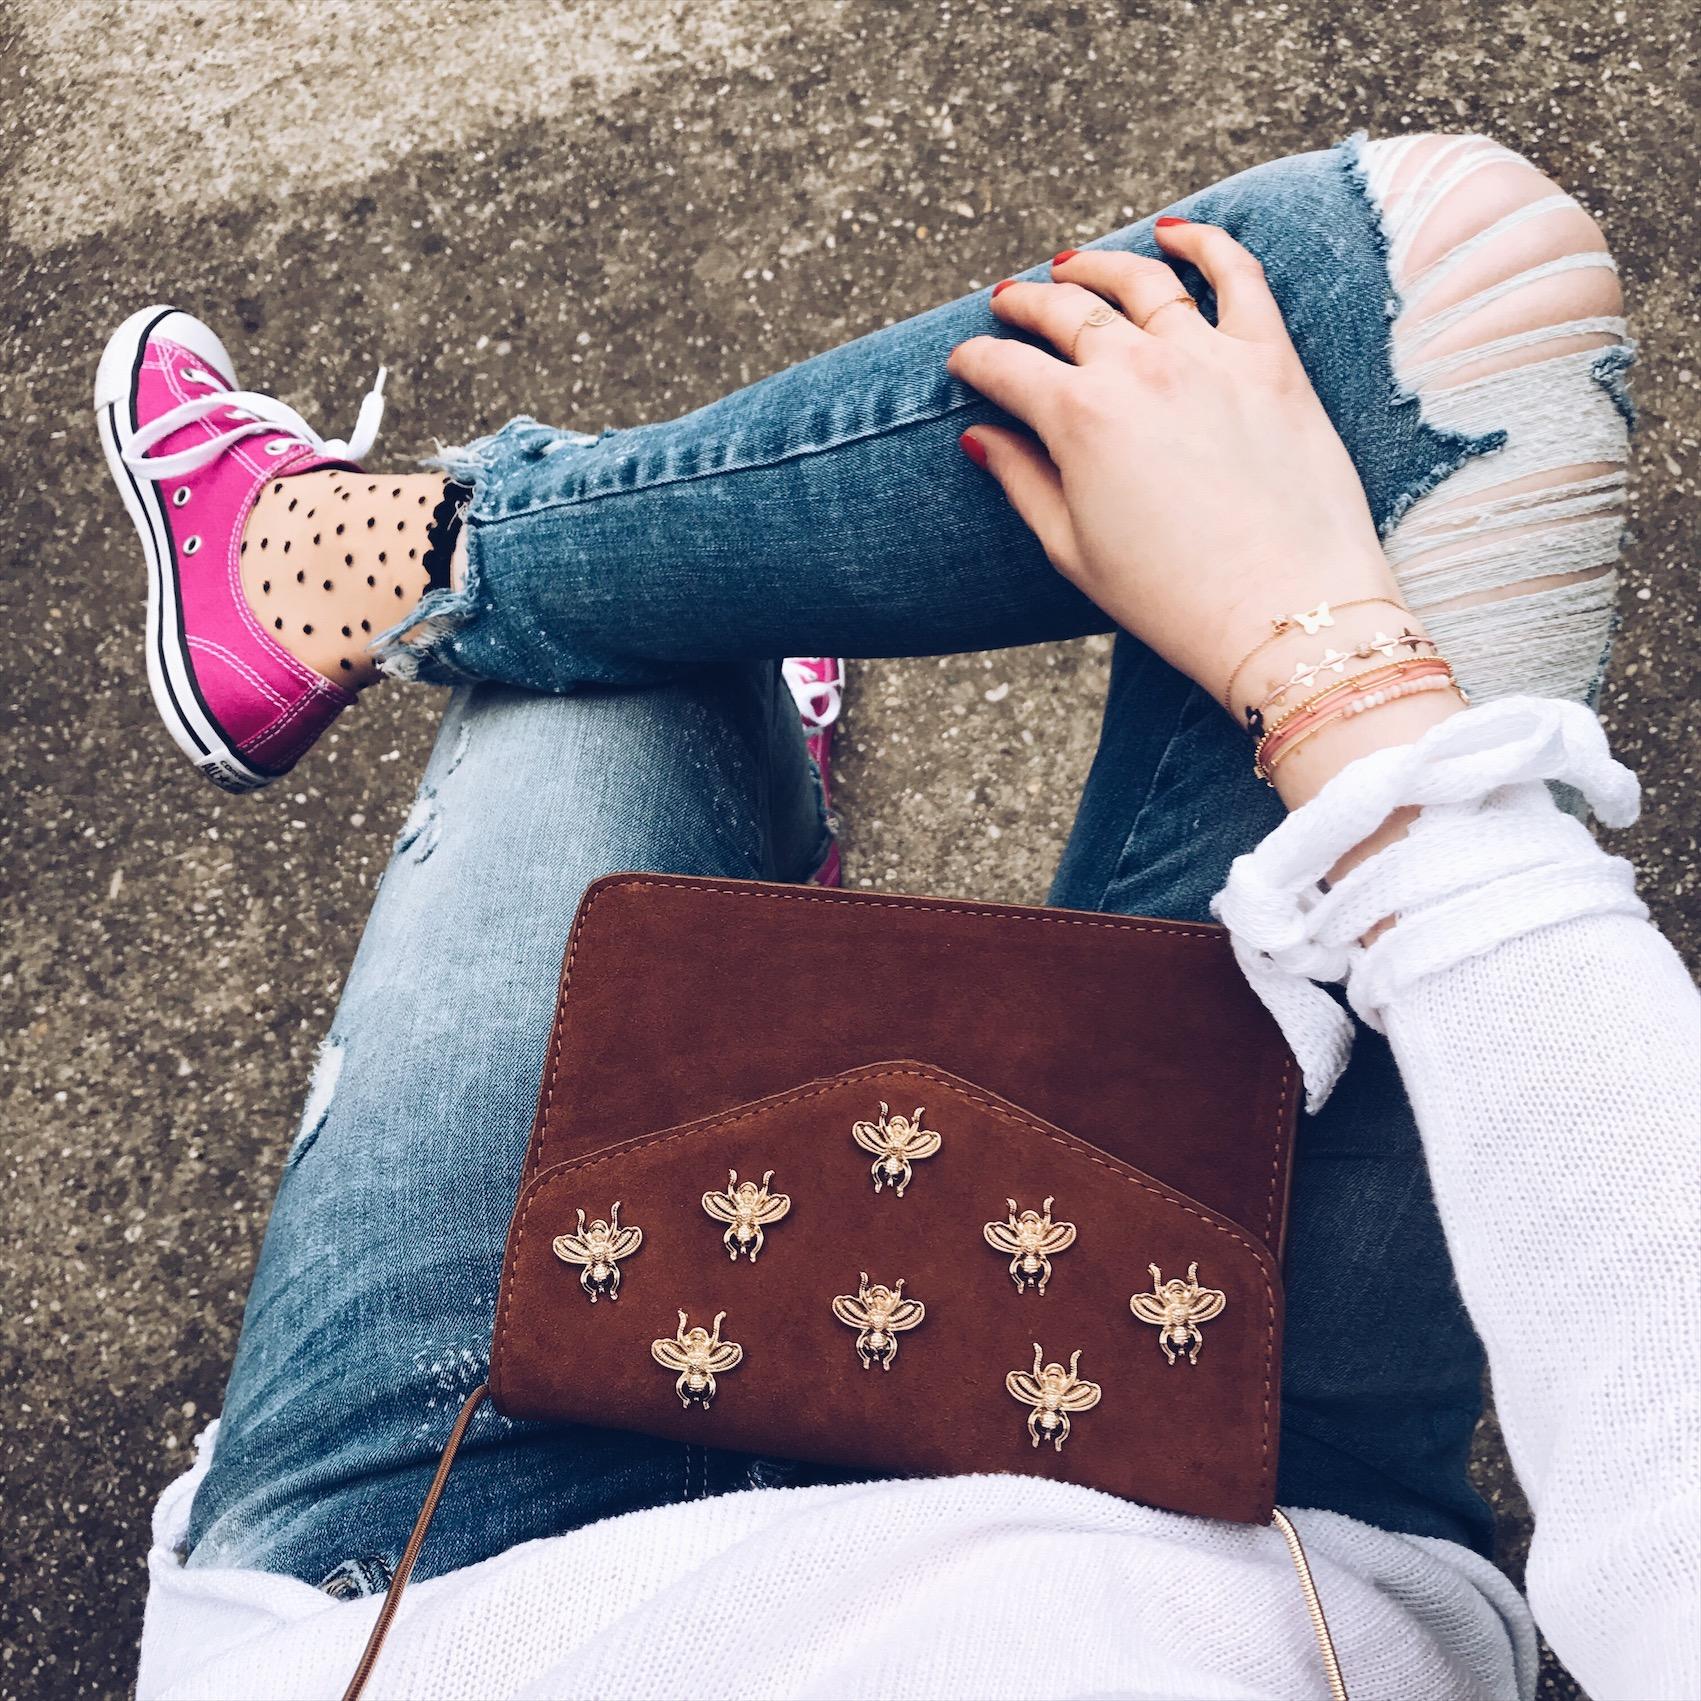 rosa Converse mit Pünktchensocken kombiniert